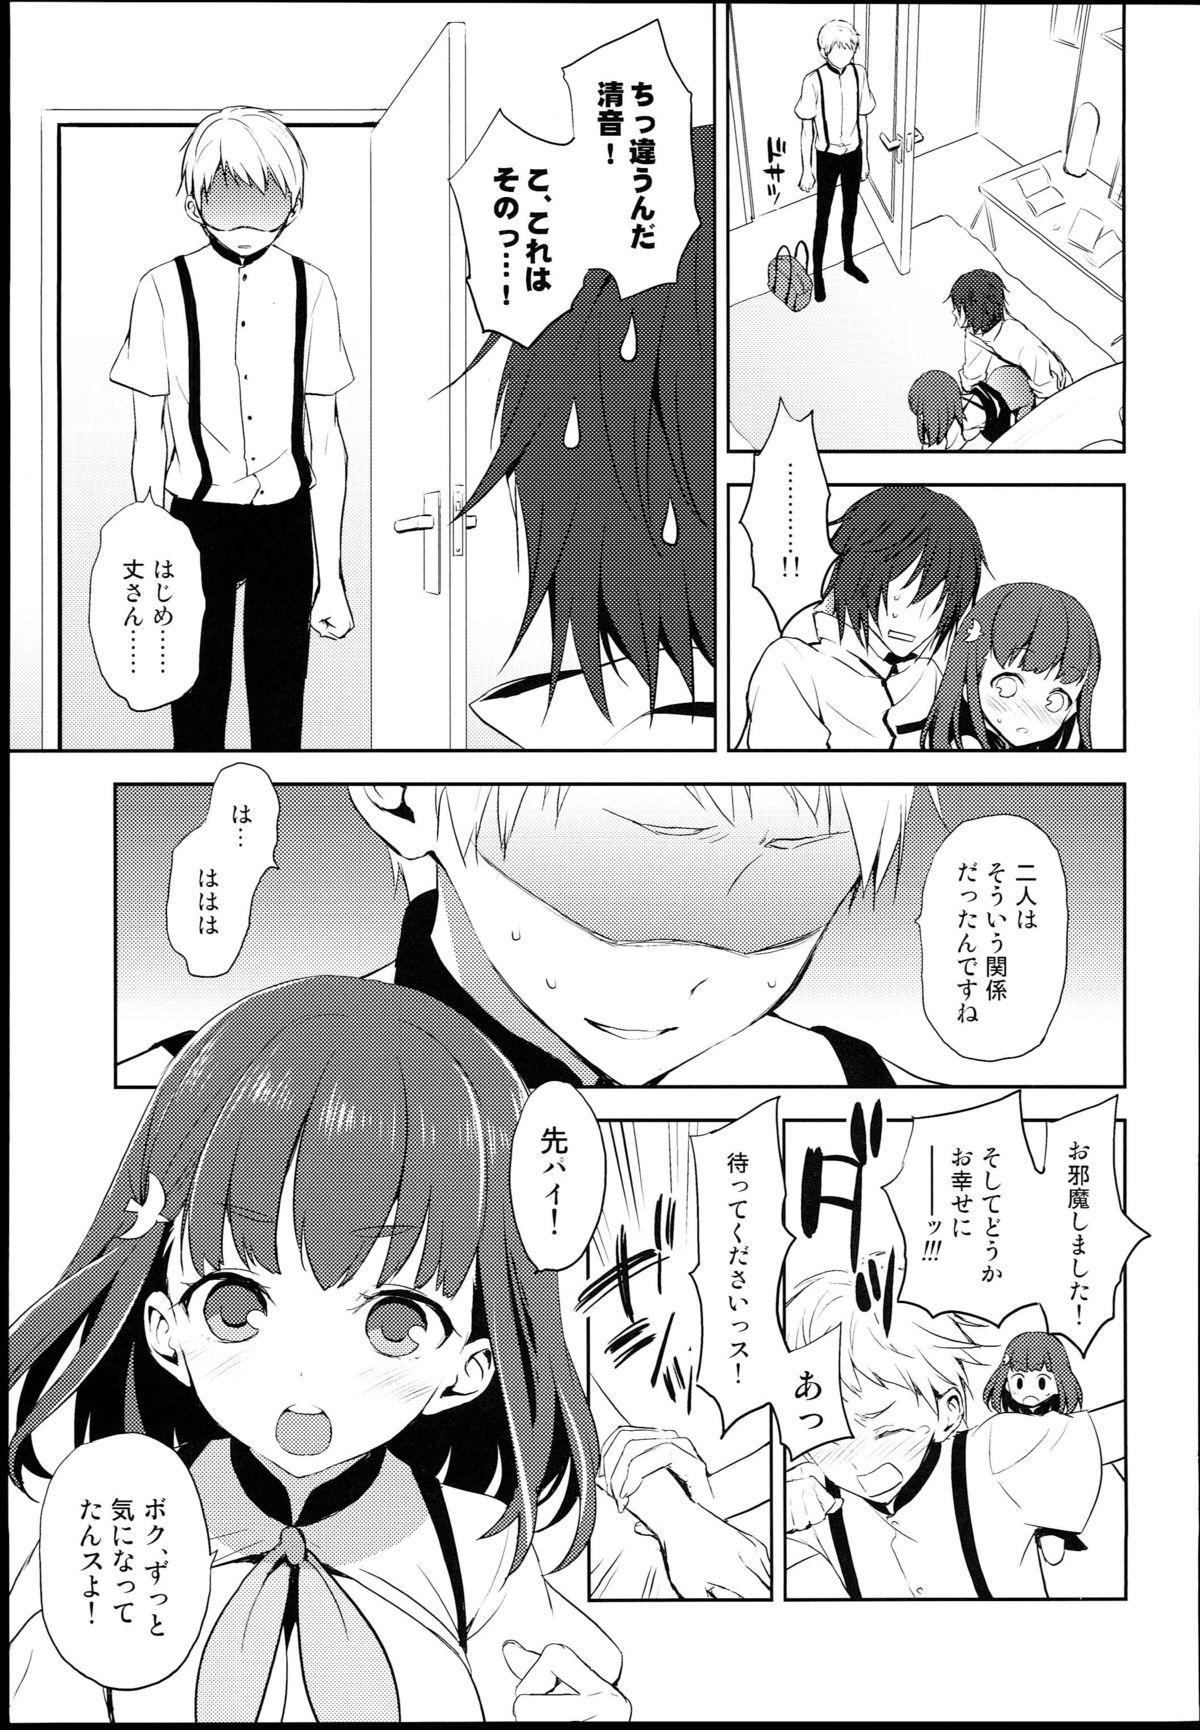 Hajimete Utsuutsu 2 16